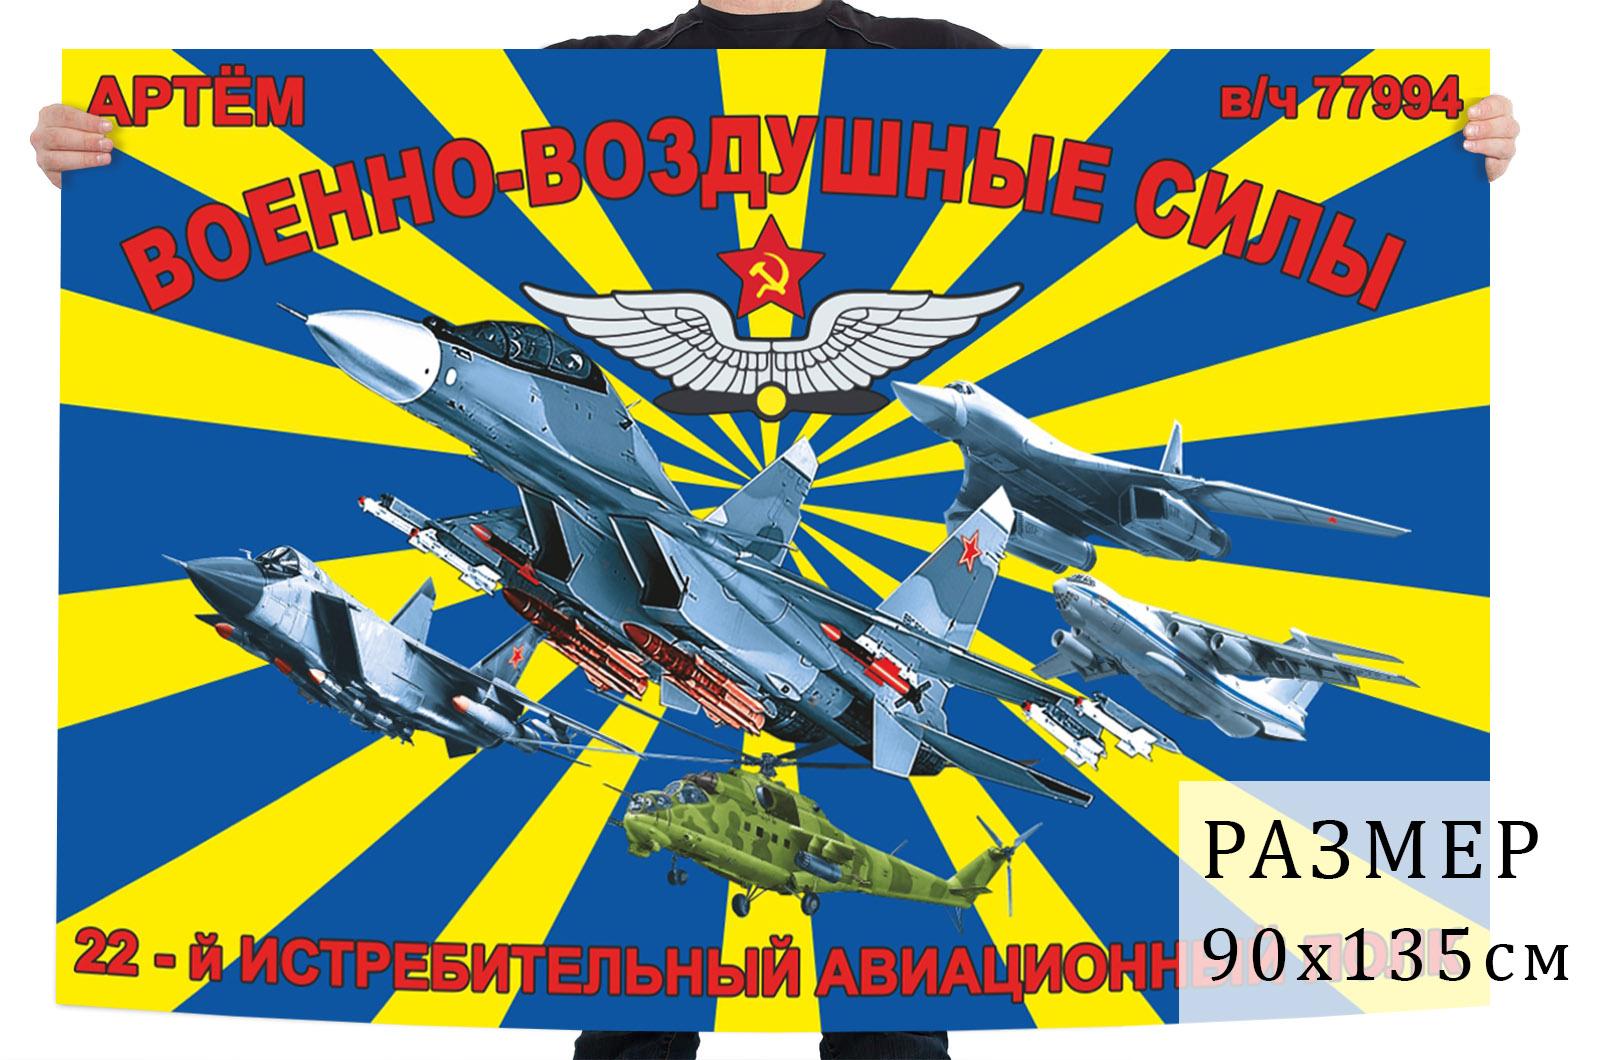 Заказать недорого в Москве флаг 22-го истребительного авиационного полка Артём, в/ч 77994